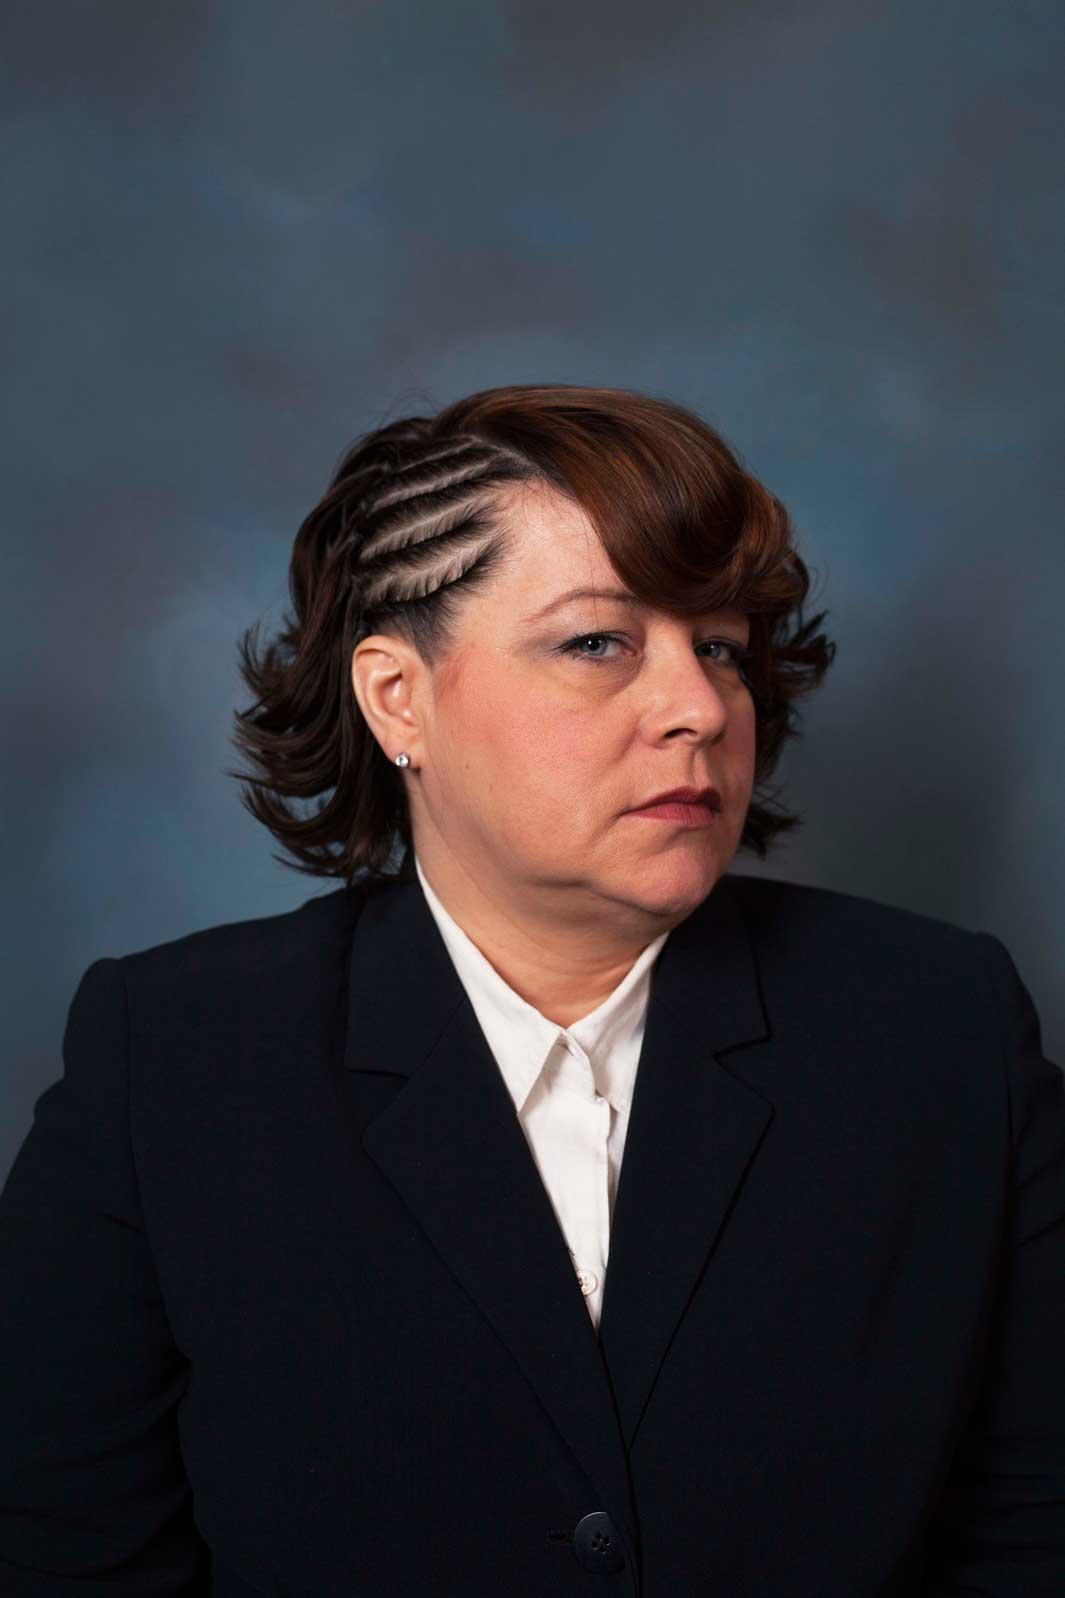 White Women + Black Hair = Racial Progress?